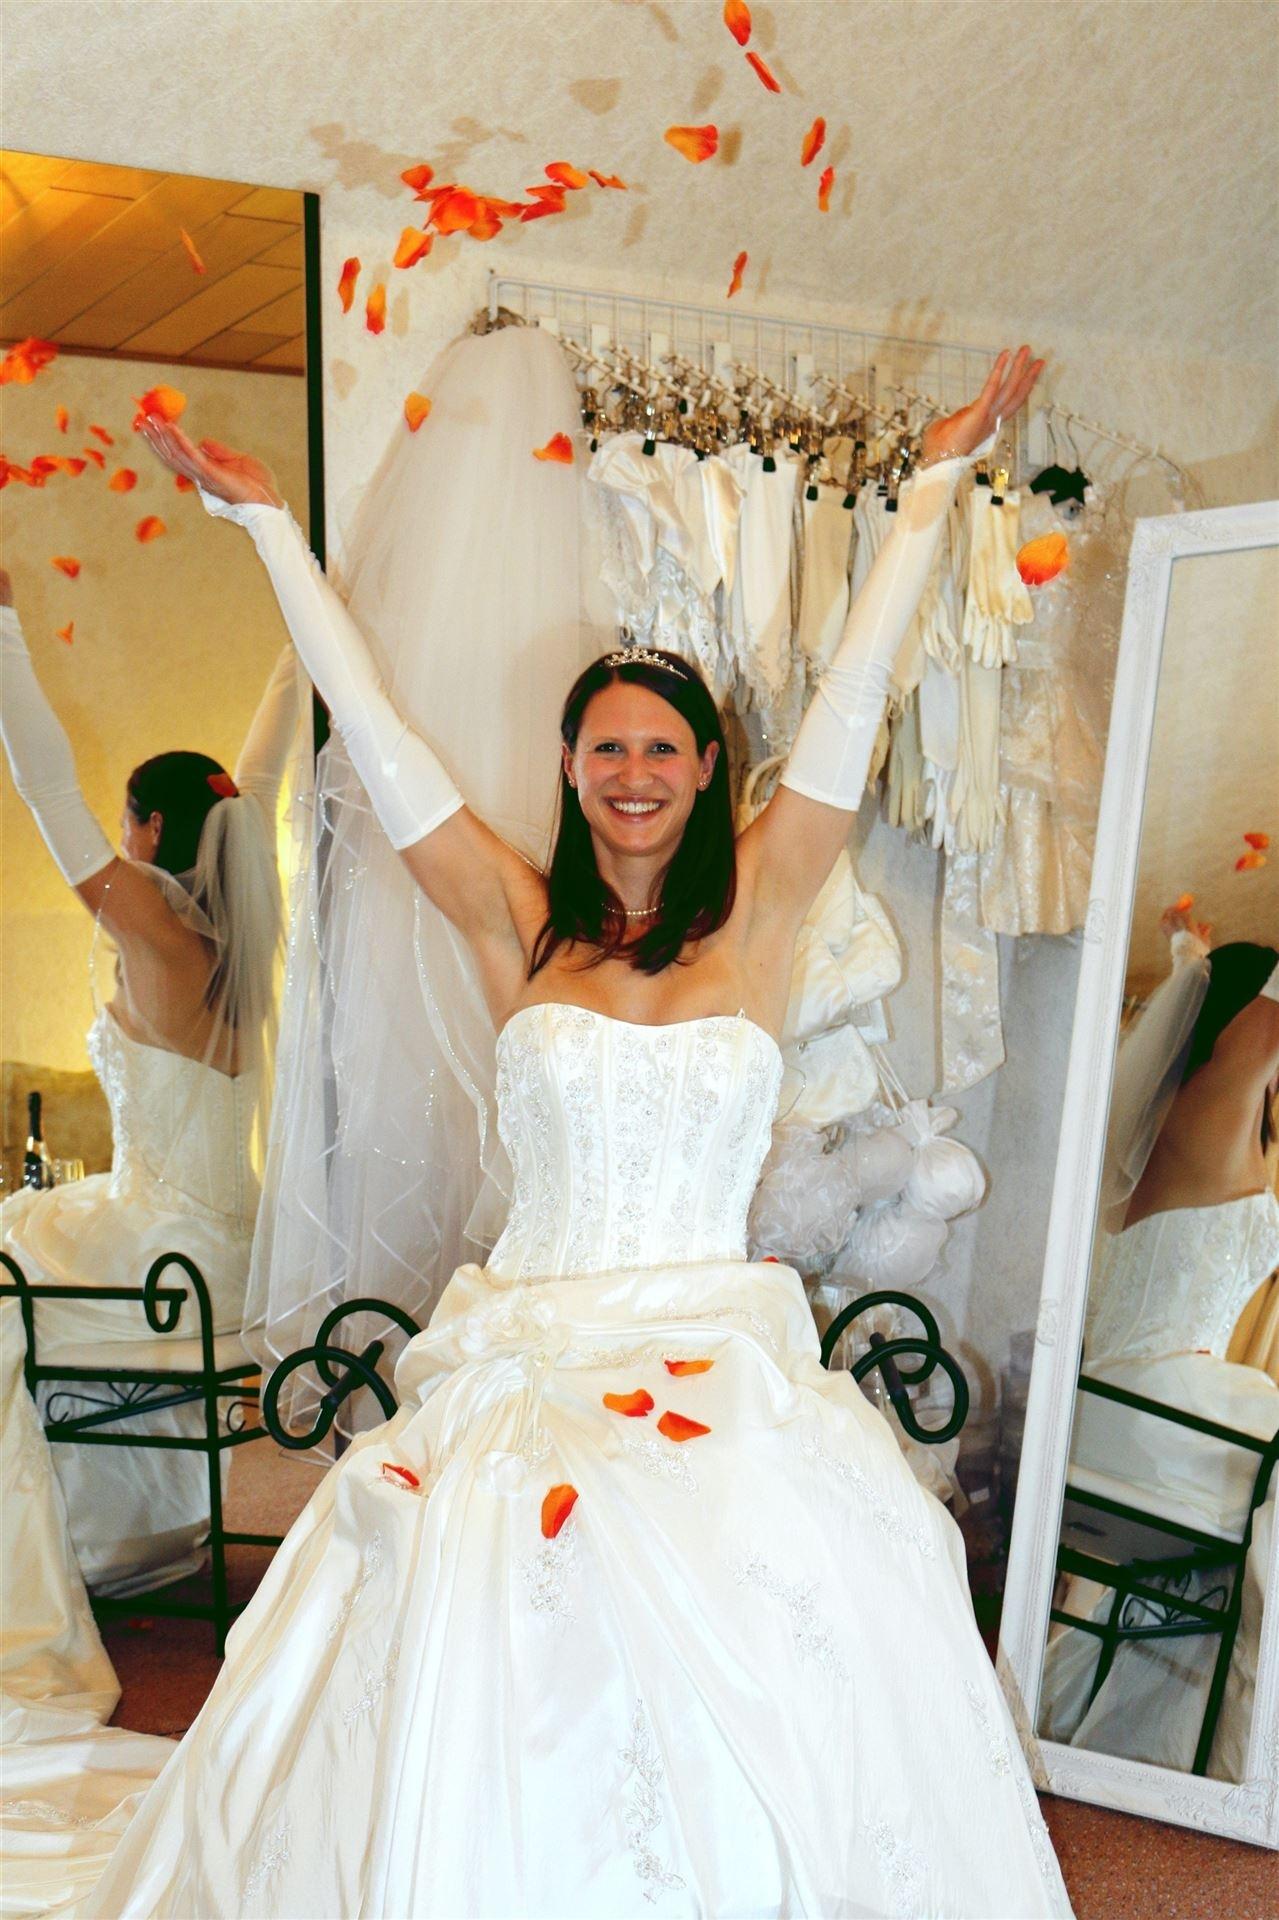 Formal Spektakulär Brautkleid Mieten SpezialgebietDesigner Wunderbar Brautkleid Mieten Ärmel